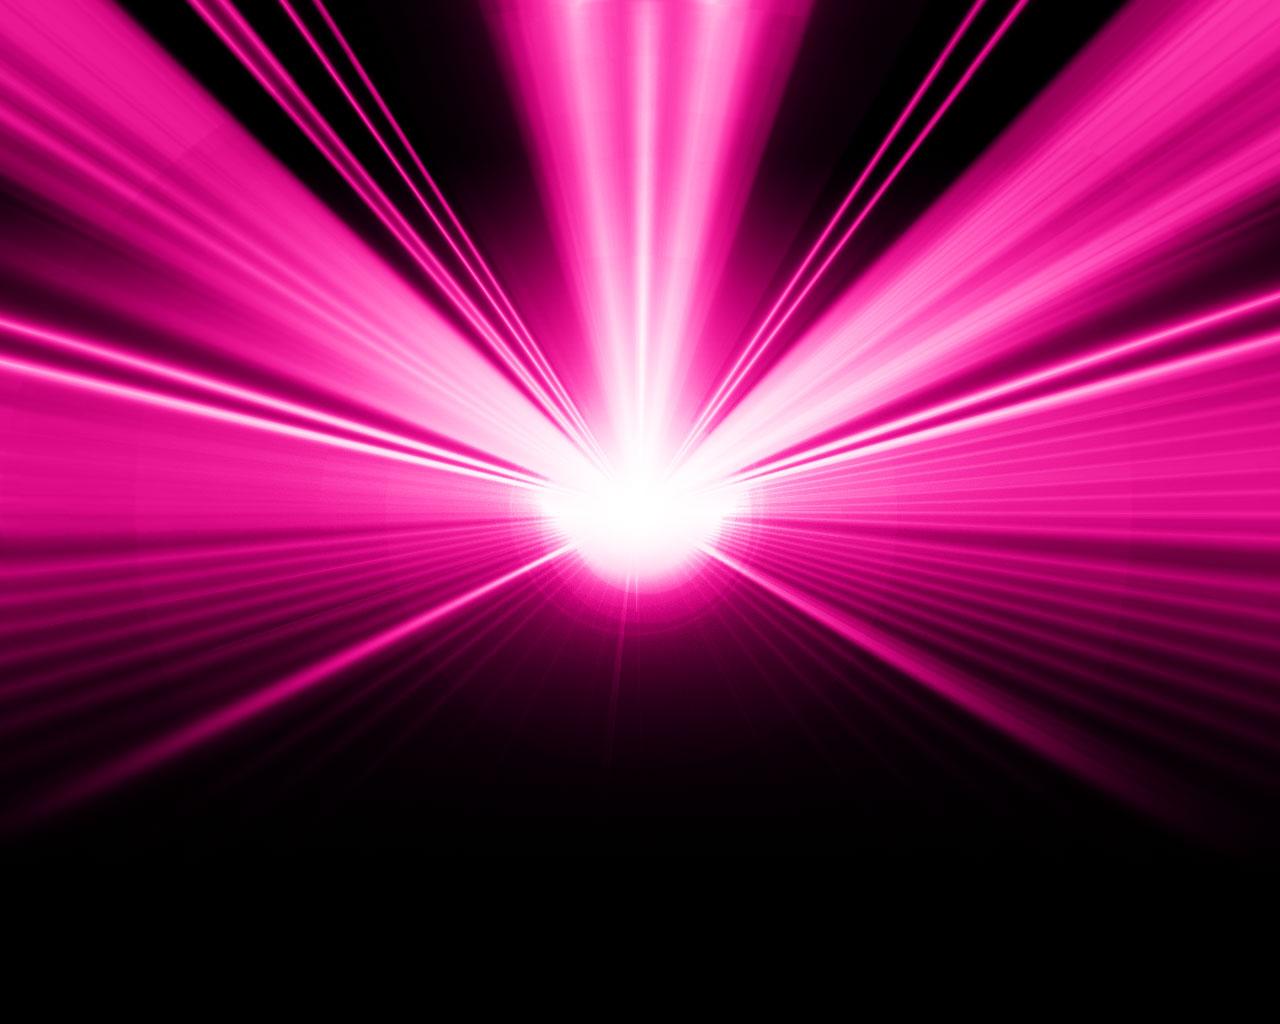 ベスト50 かっこいい 黒 ピンク 背景 動物ゾーン